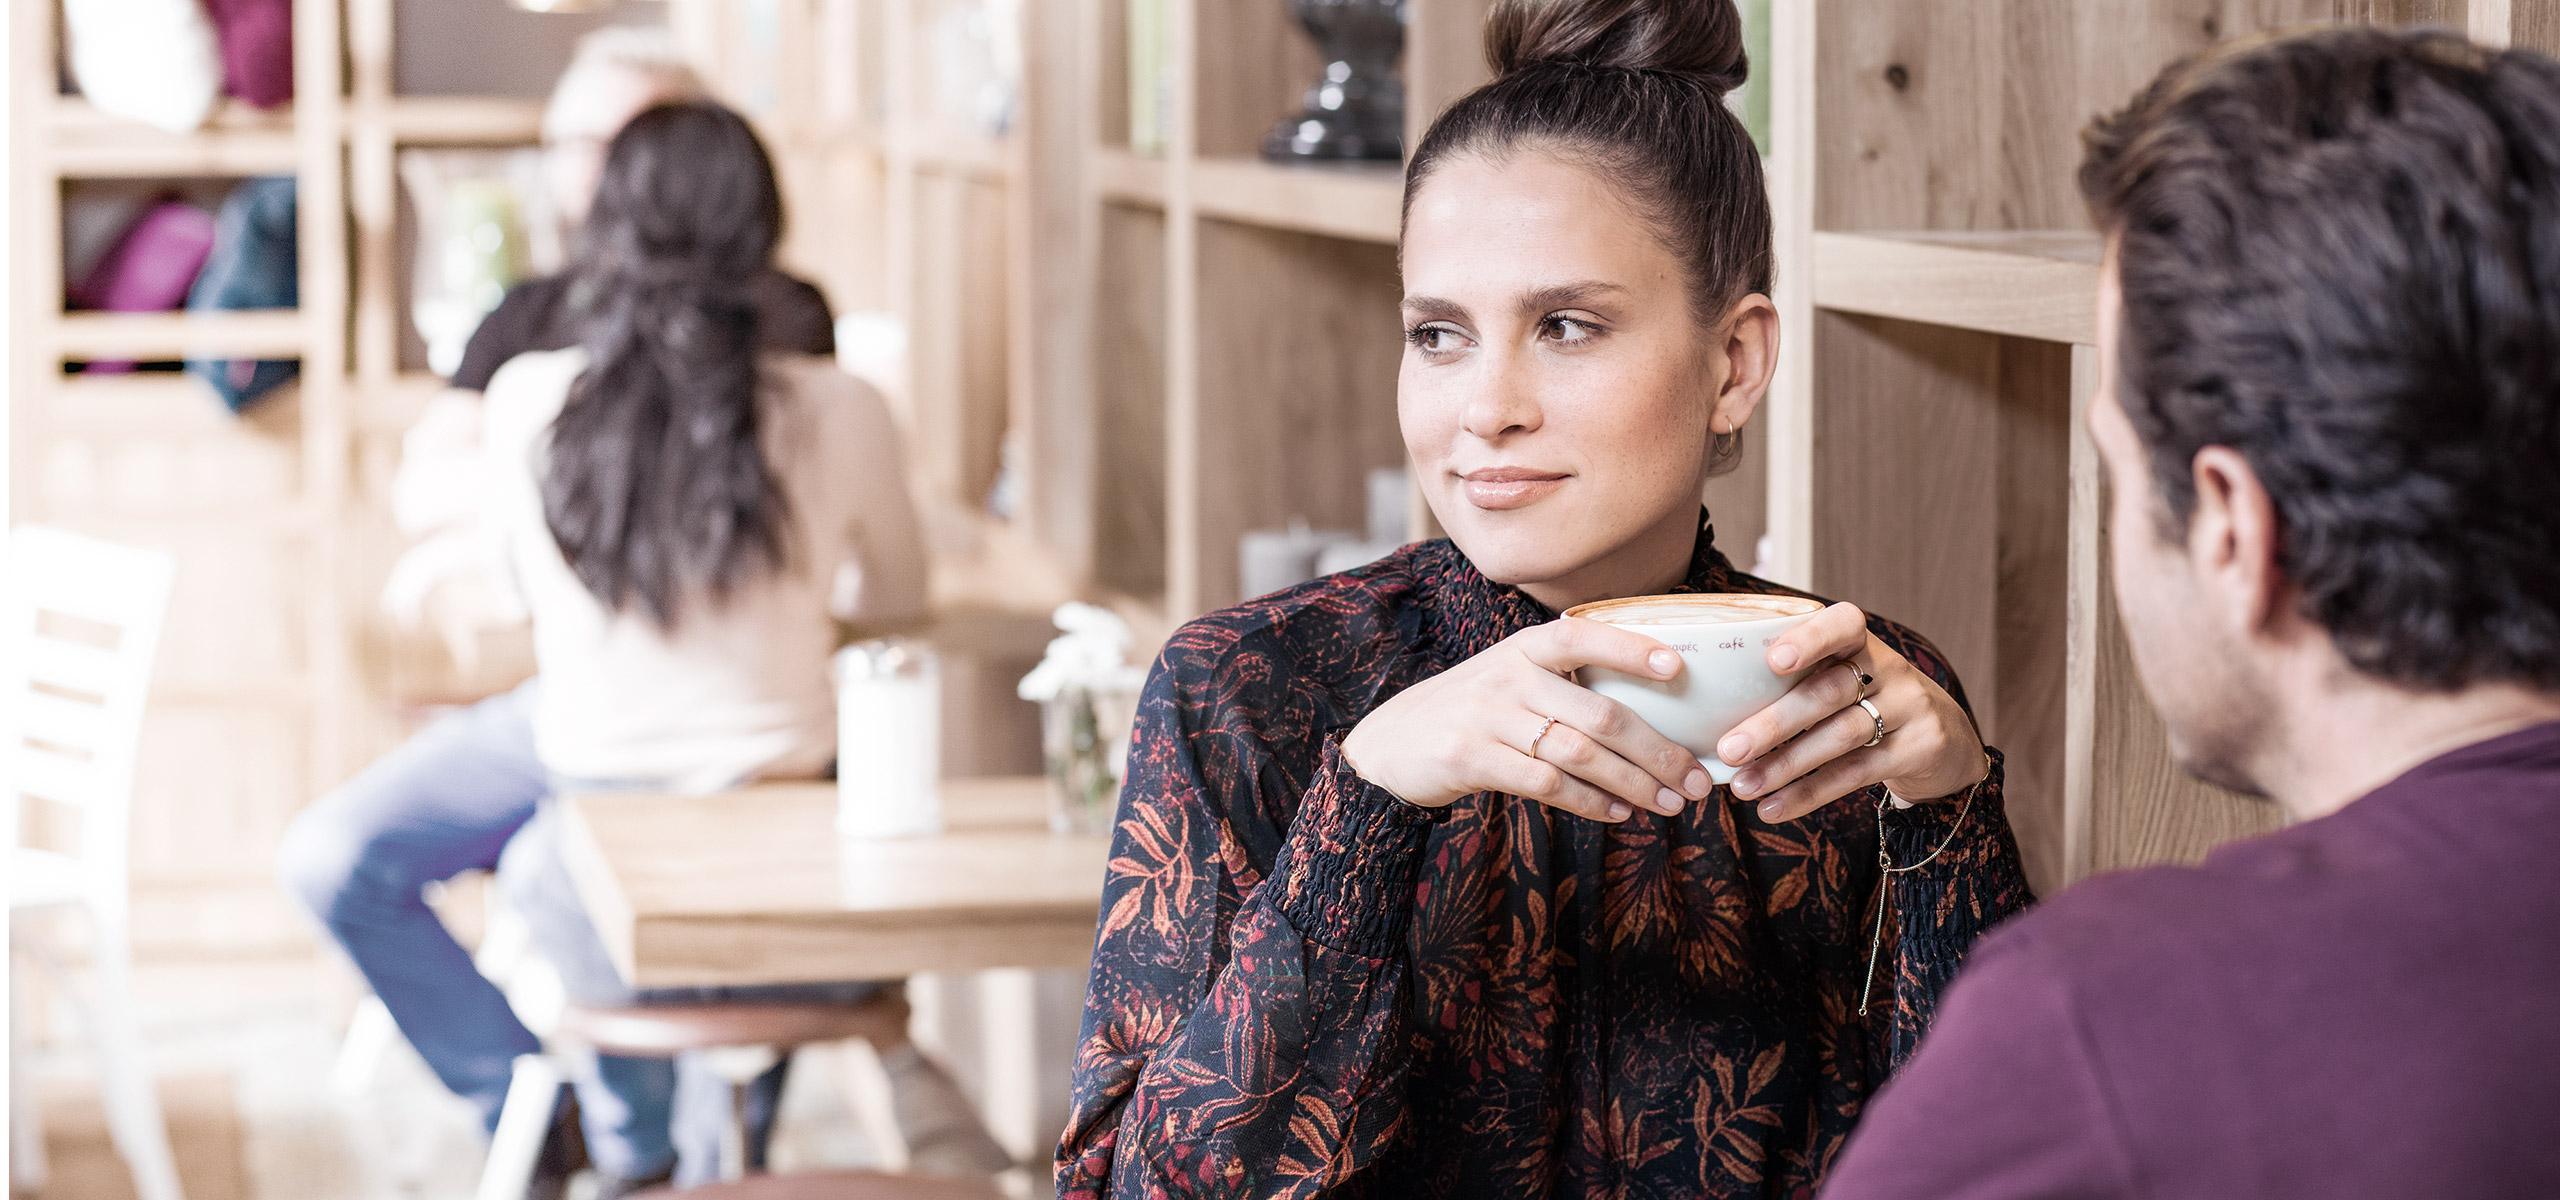 BRITA koffie stel drinkt koffie